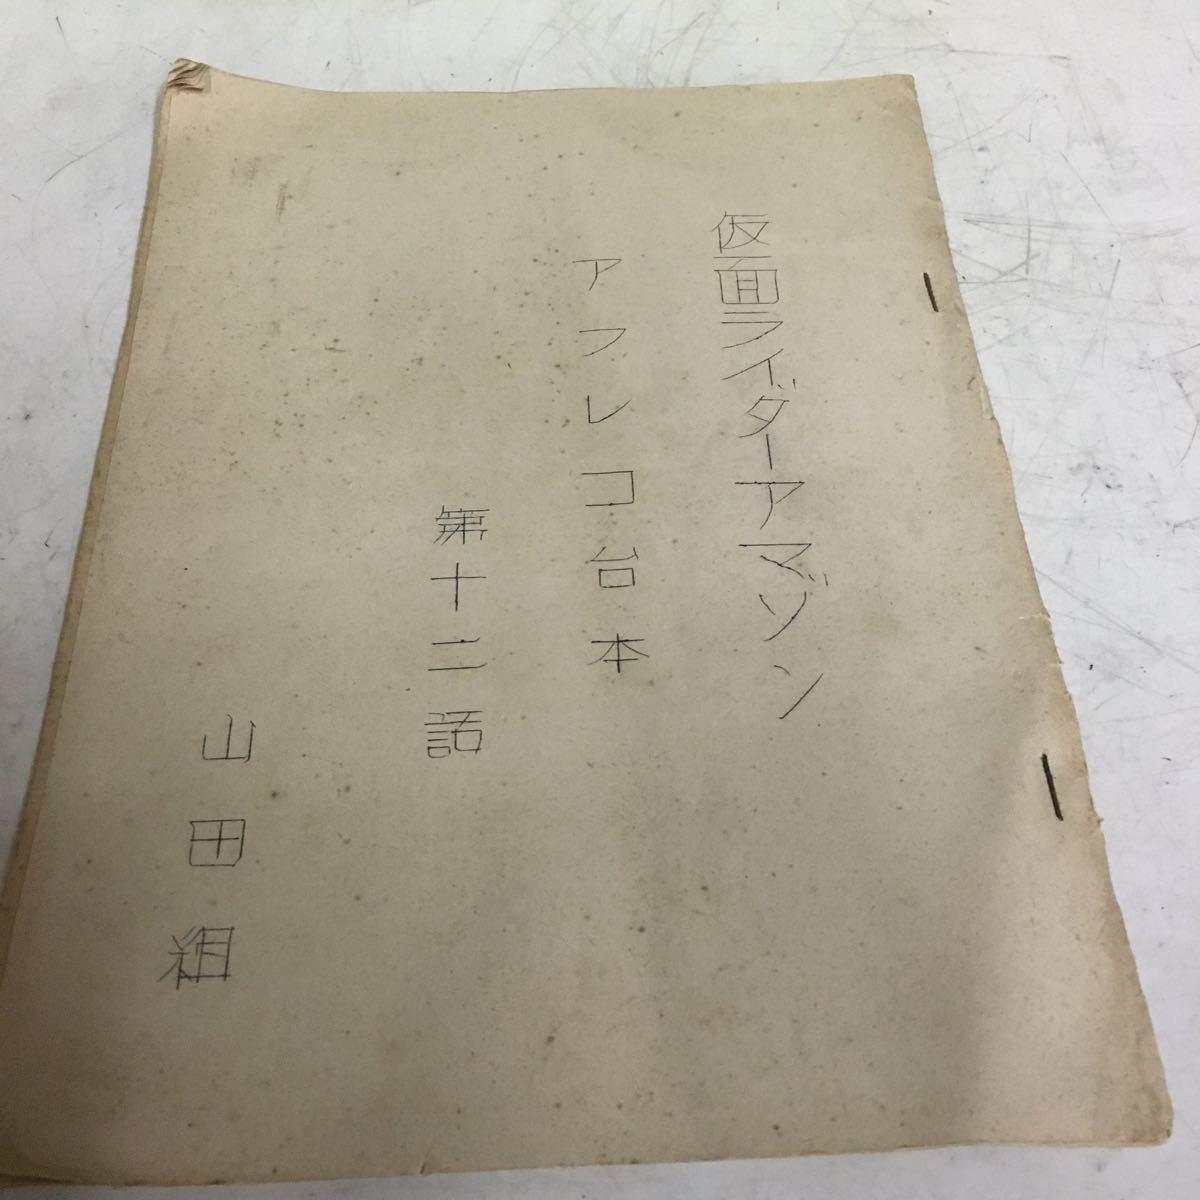 仮面ライダー アマゾン アフレコ台本 第12話 見た!ゲドンの獣人改造室!!